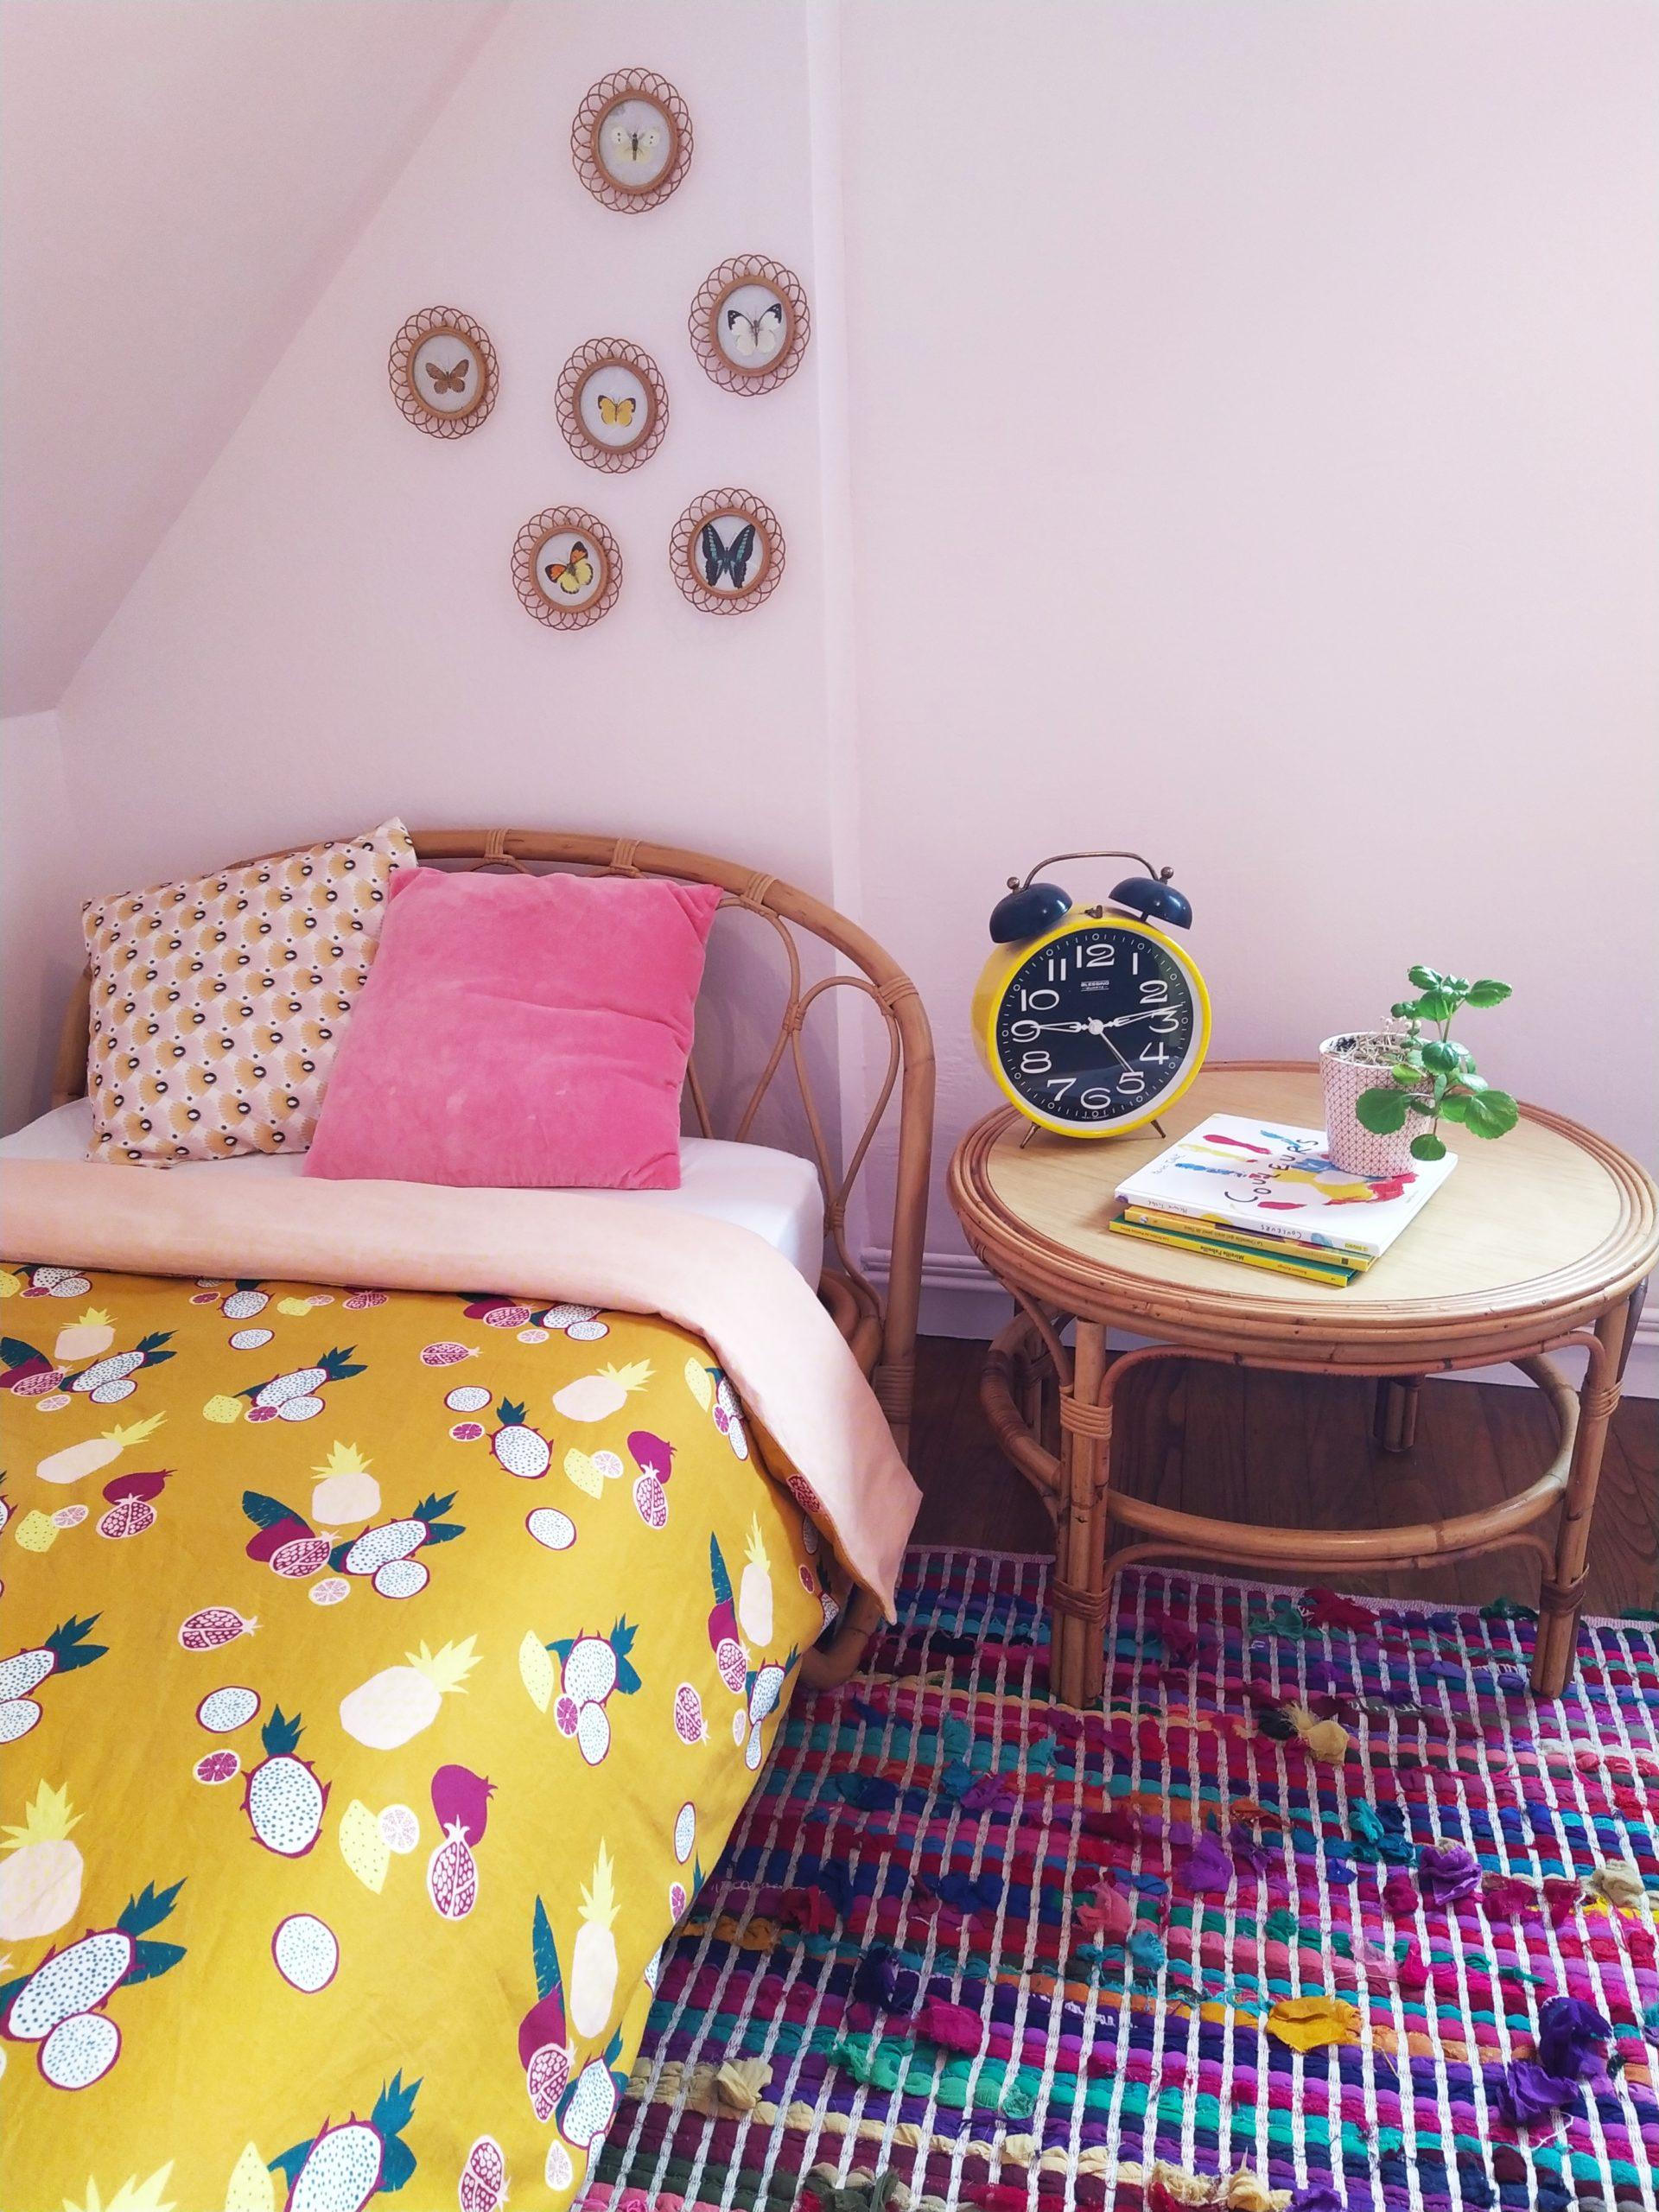 Chambre d'enfant douce et lumineuse.